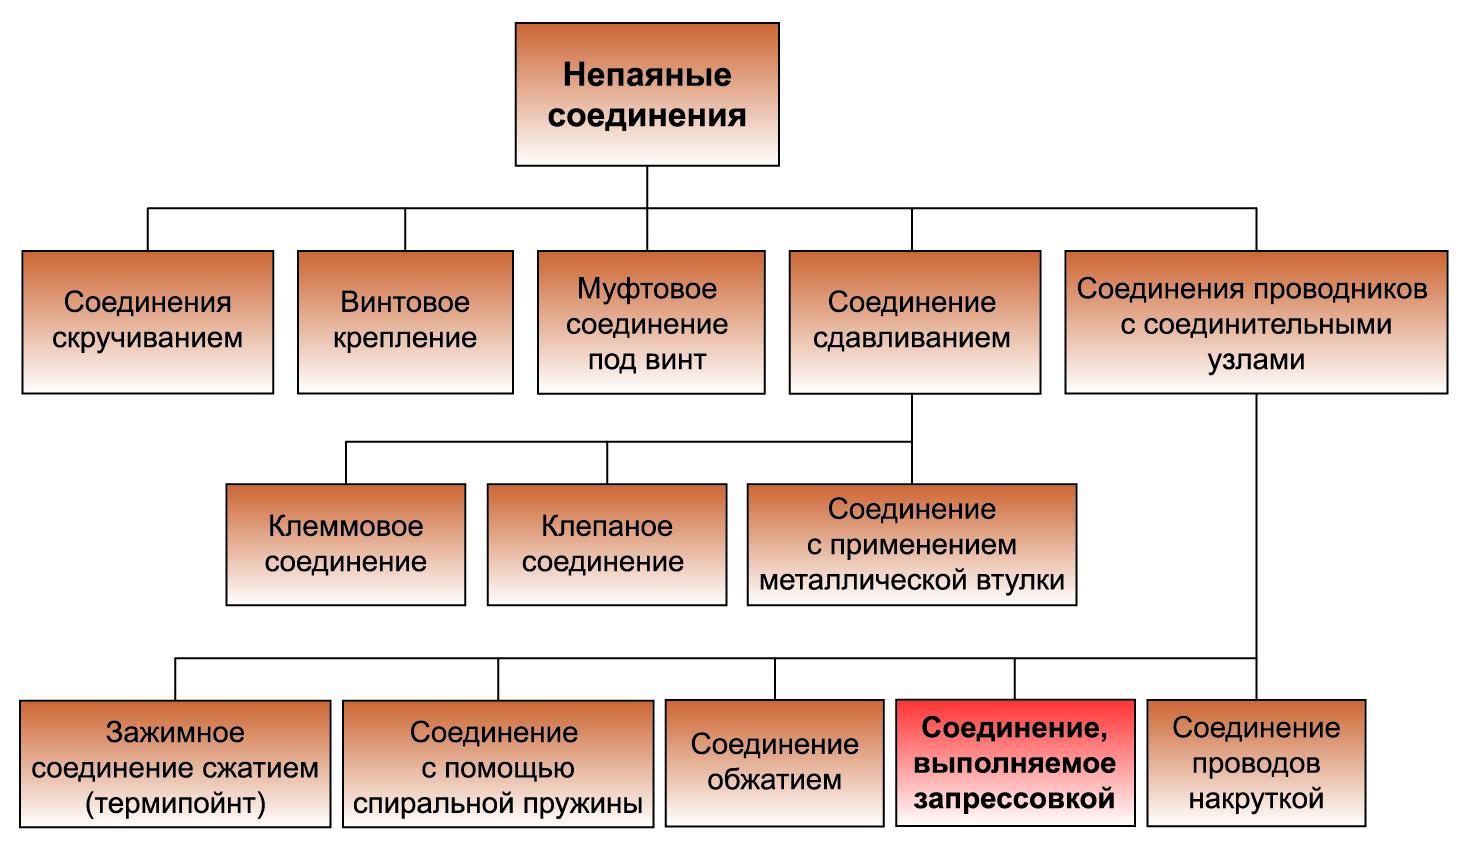 Классификация непаяных соединений